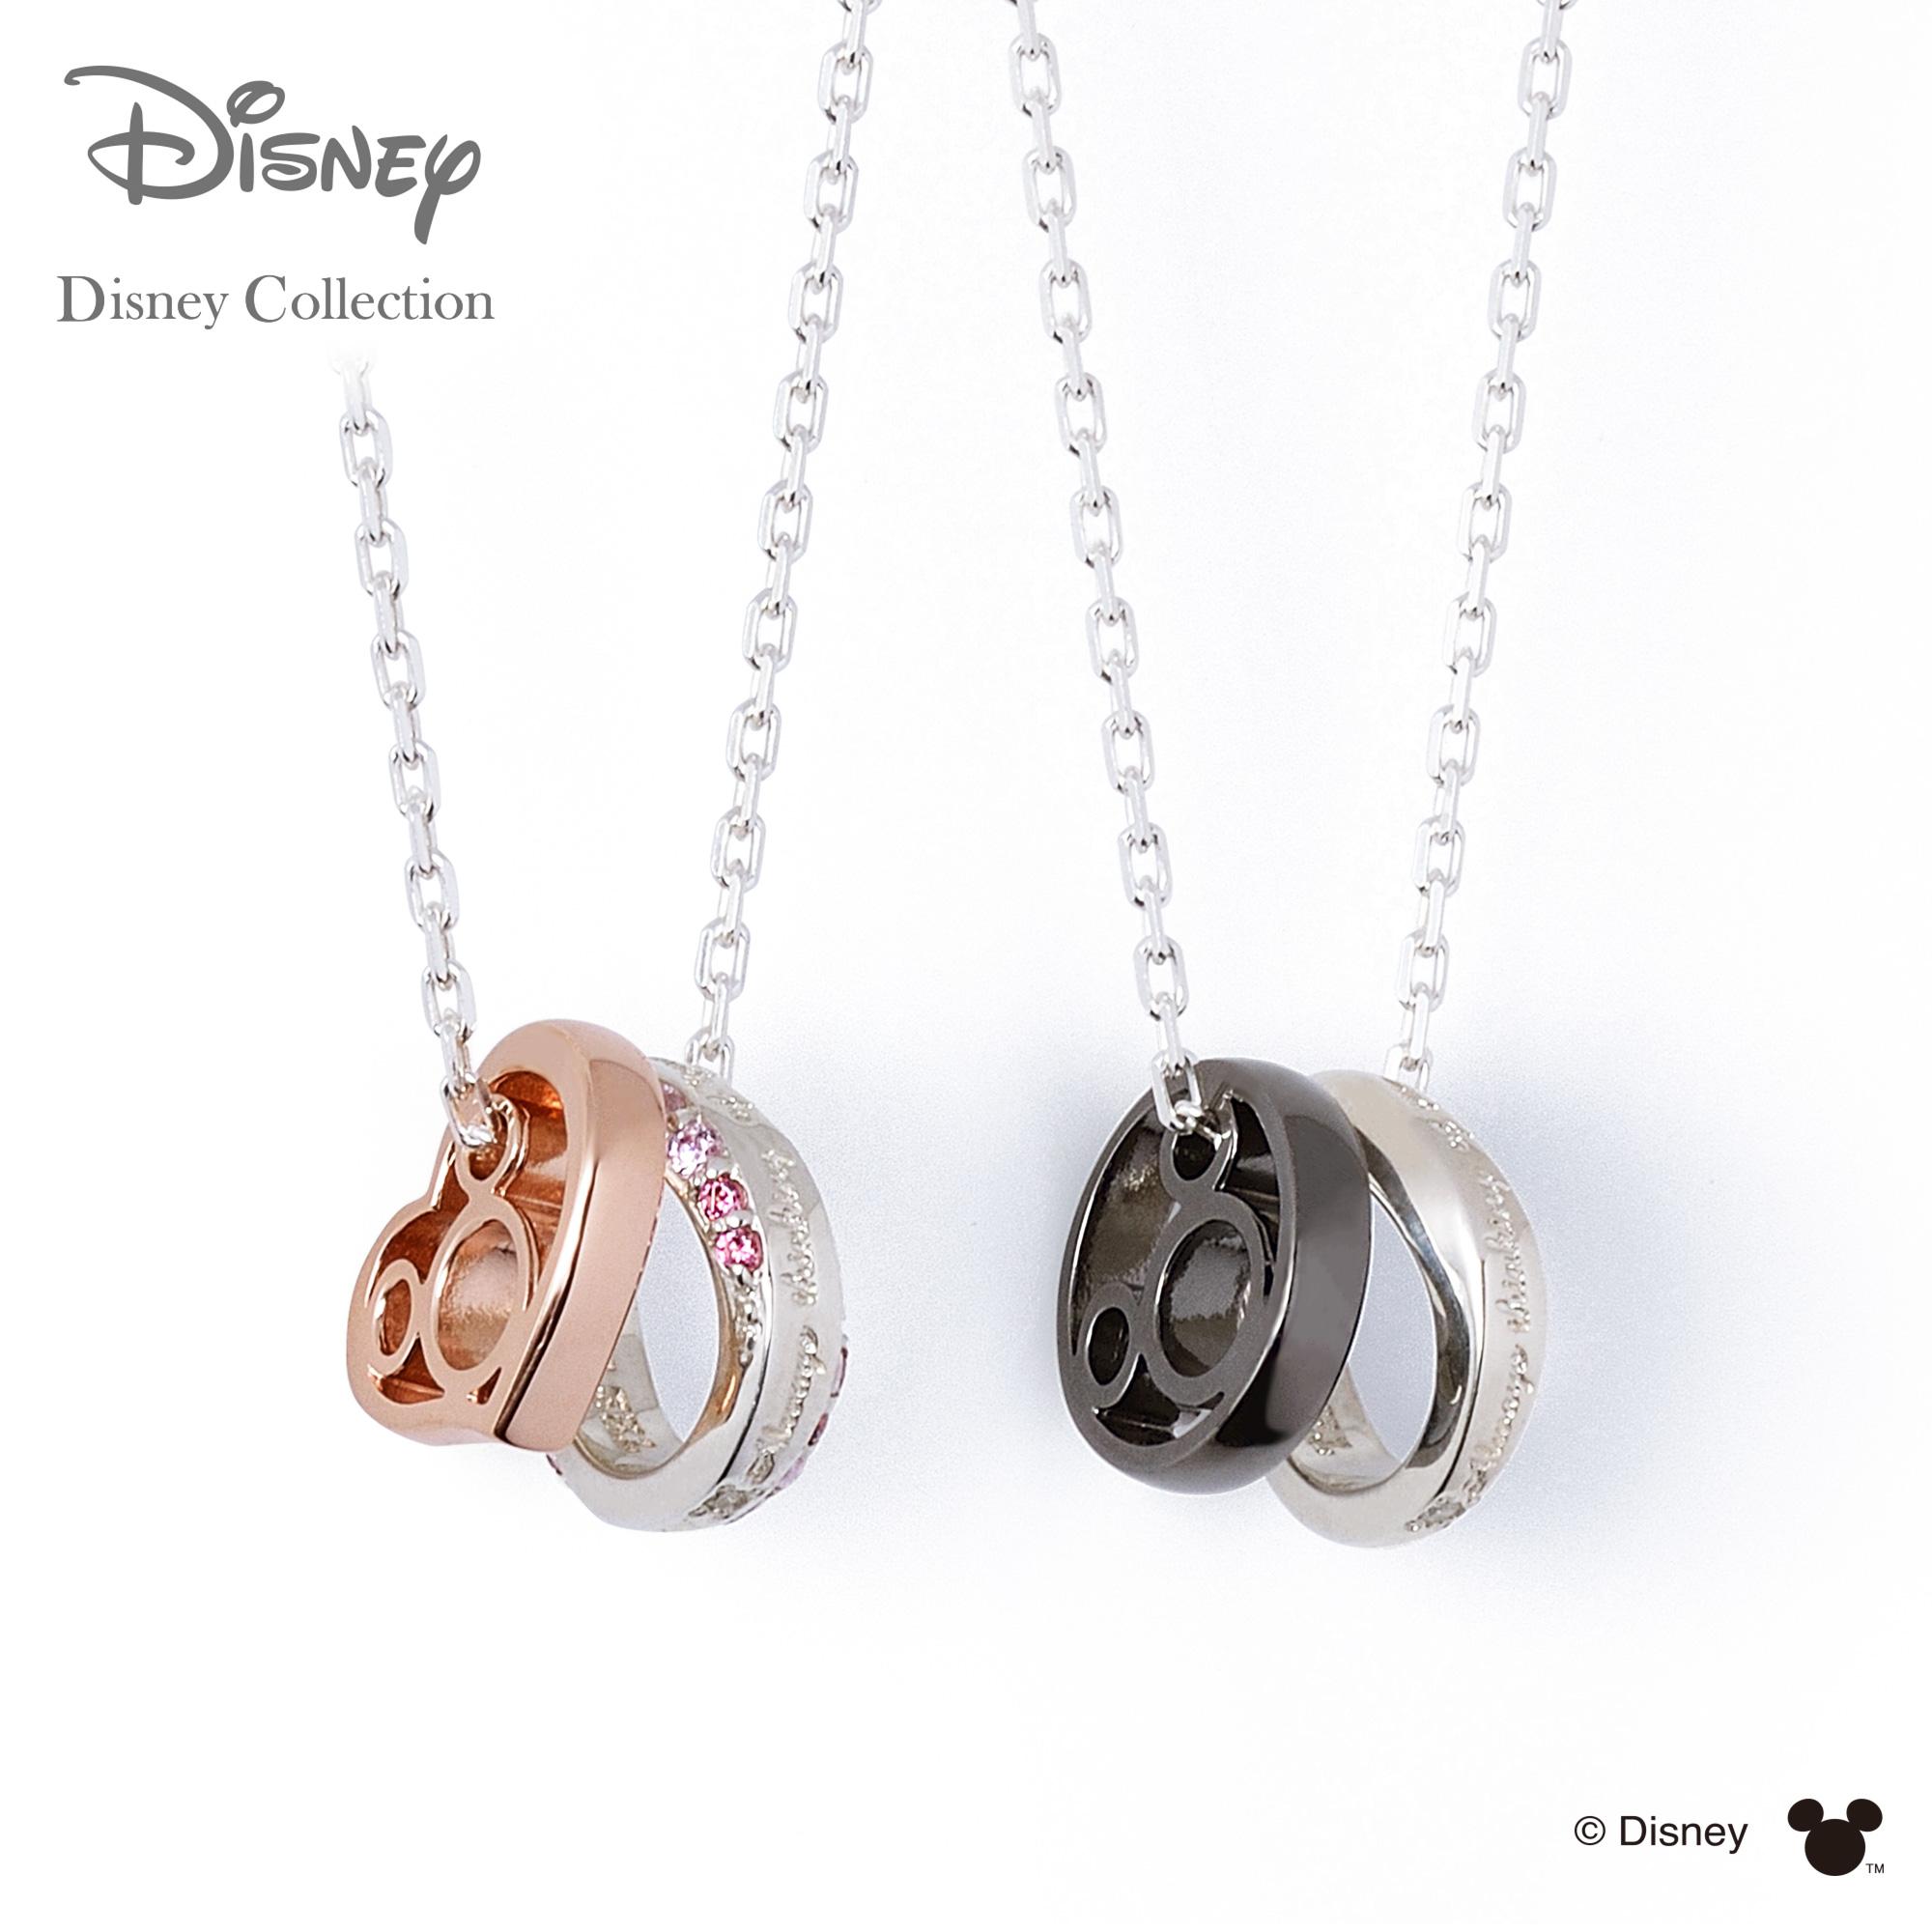 【あす楽対応】【ディズニーコレクション】 ディズニー / ネックレス / ミッキーマウス / THE KISS ペア ネックレス・ペンダント シルバー ダイヤモンド DI-SN1839DM-1840DM セット シンプル ザキス 【送料無料】